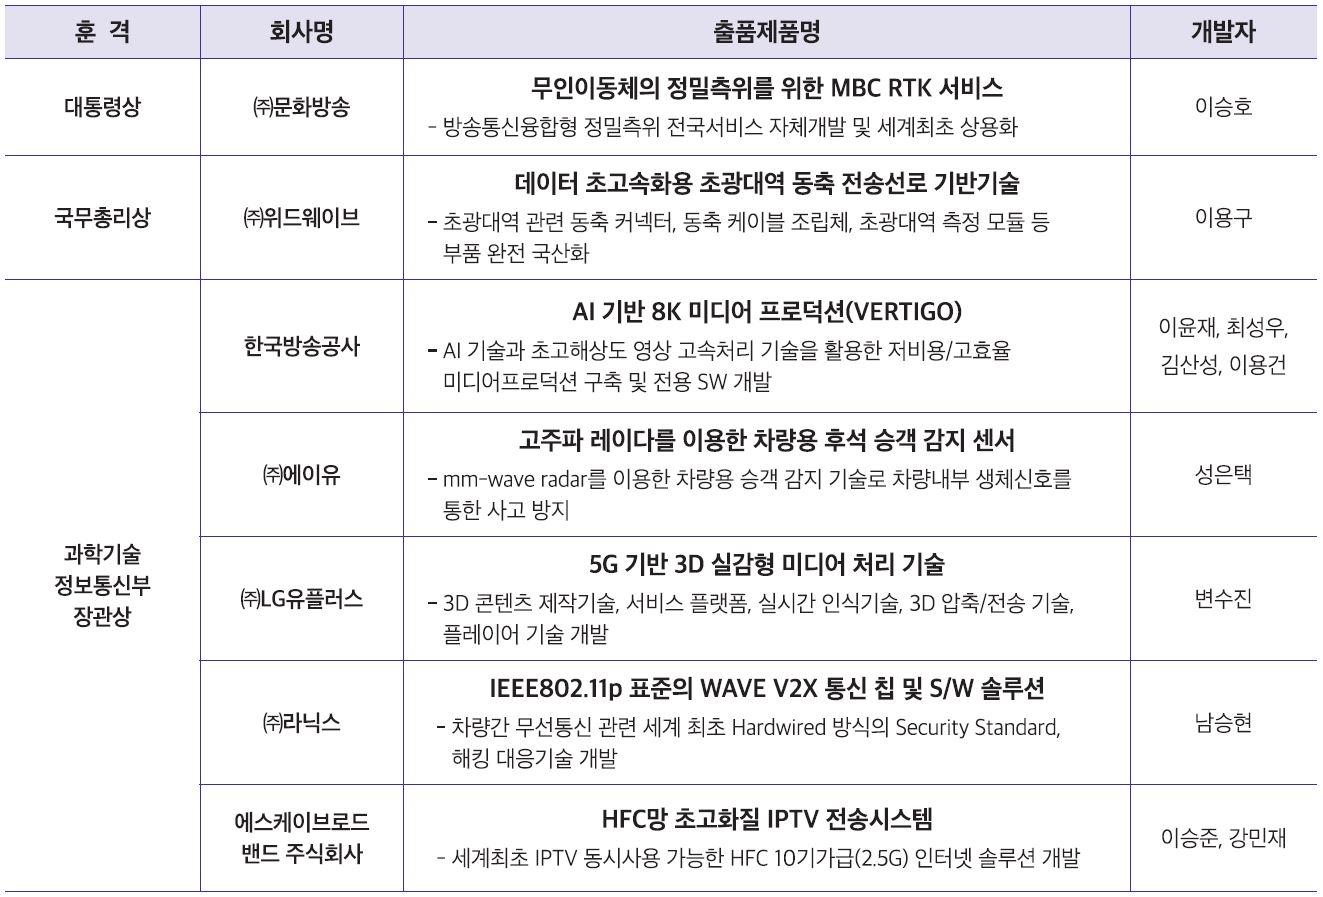 제21회 전파방송기술대상 수상작